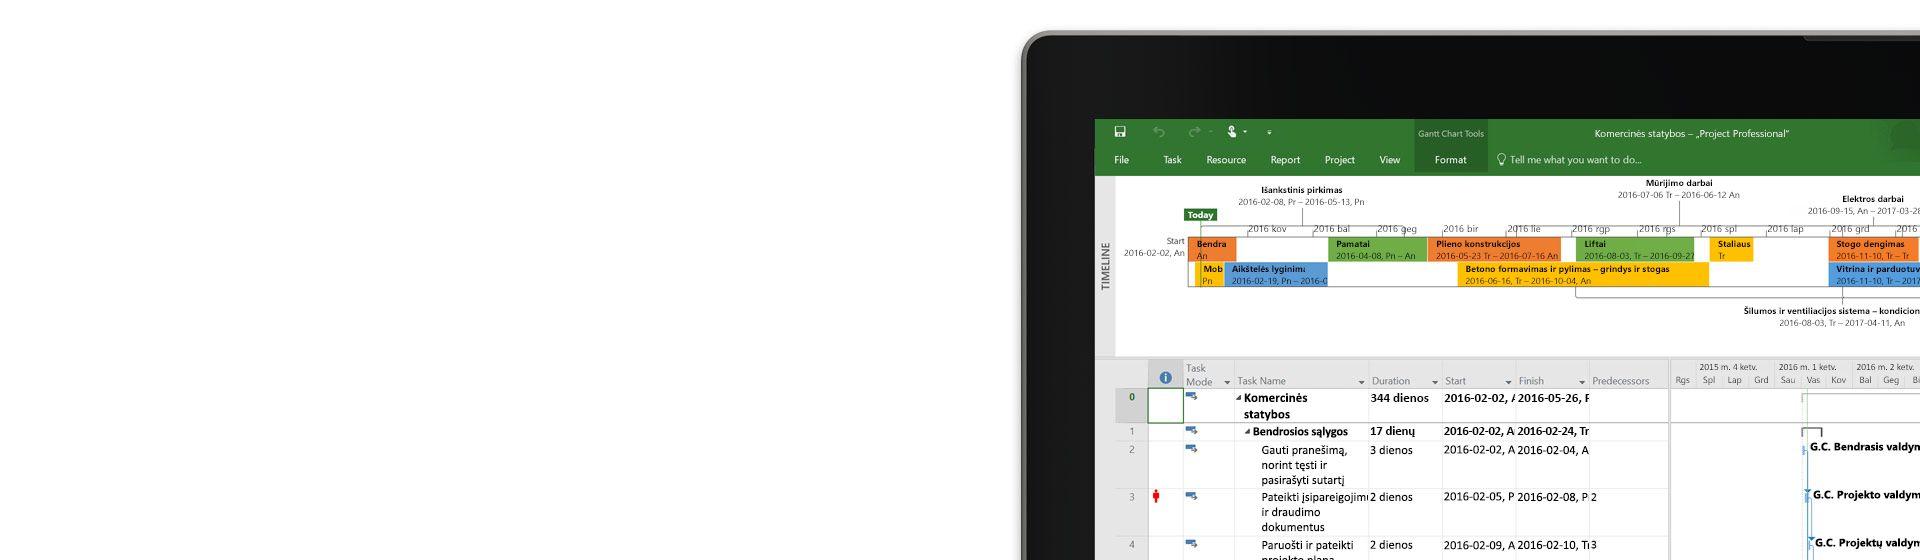 """Planšetinio kompiuterio ekrano, kuriame rodomas """"Project Professional"""" projekto tvarkaraštis ir diagrama, kampas"""